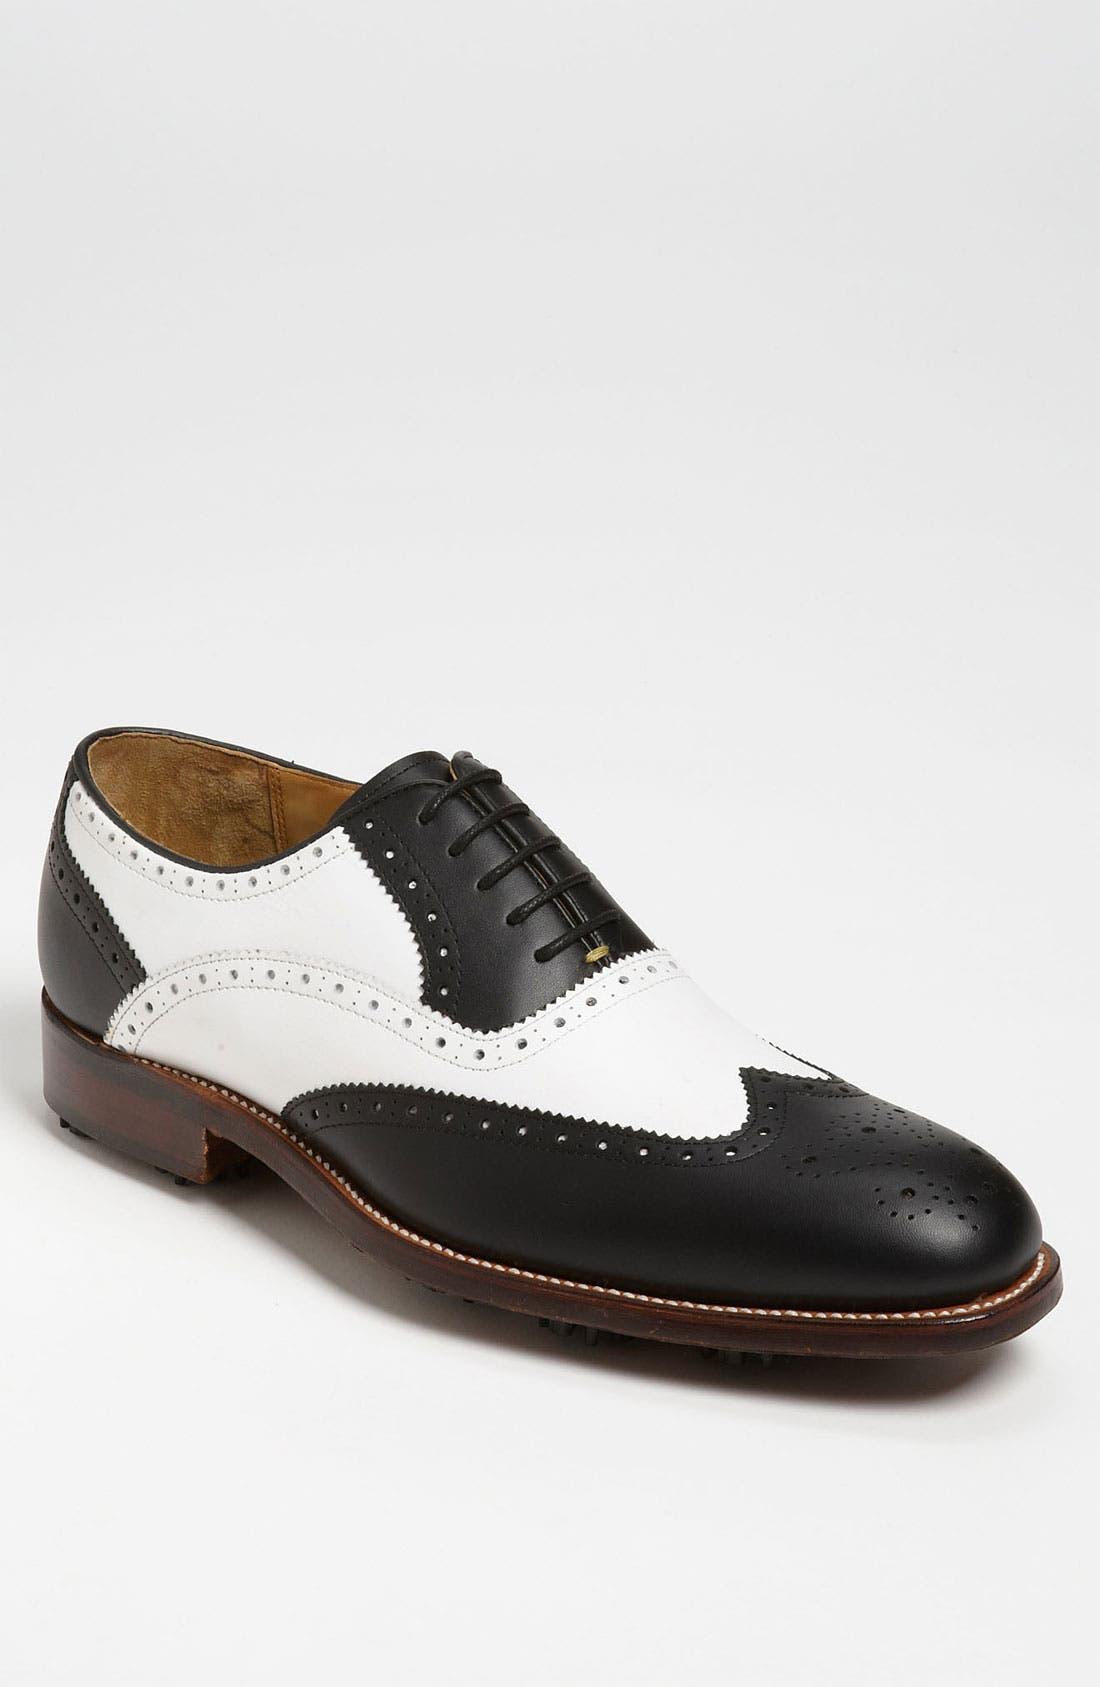 Main Image - Oliver Sweeney 'Royale' Wingtip Golf Shoe (Men)